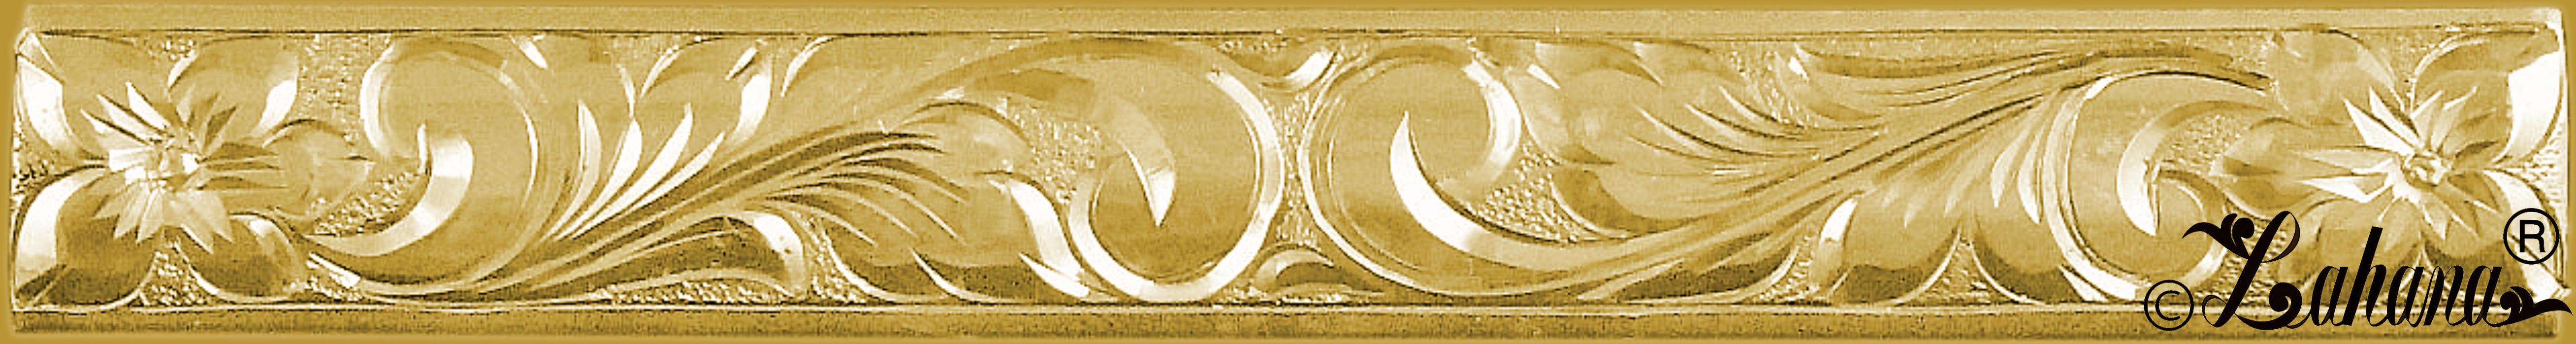 sample-logo-14k-td-g.jpg